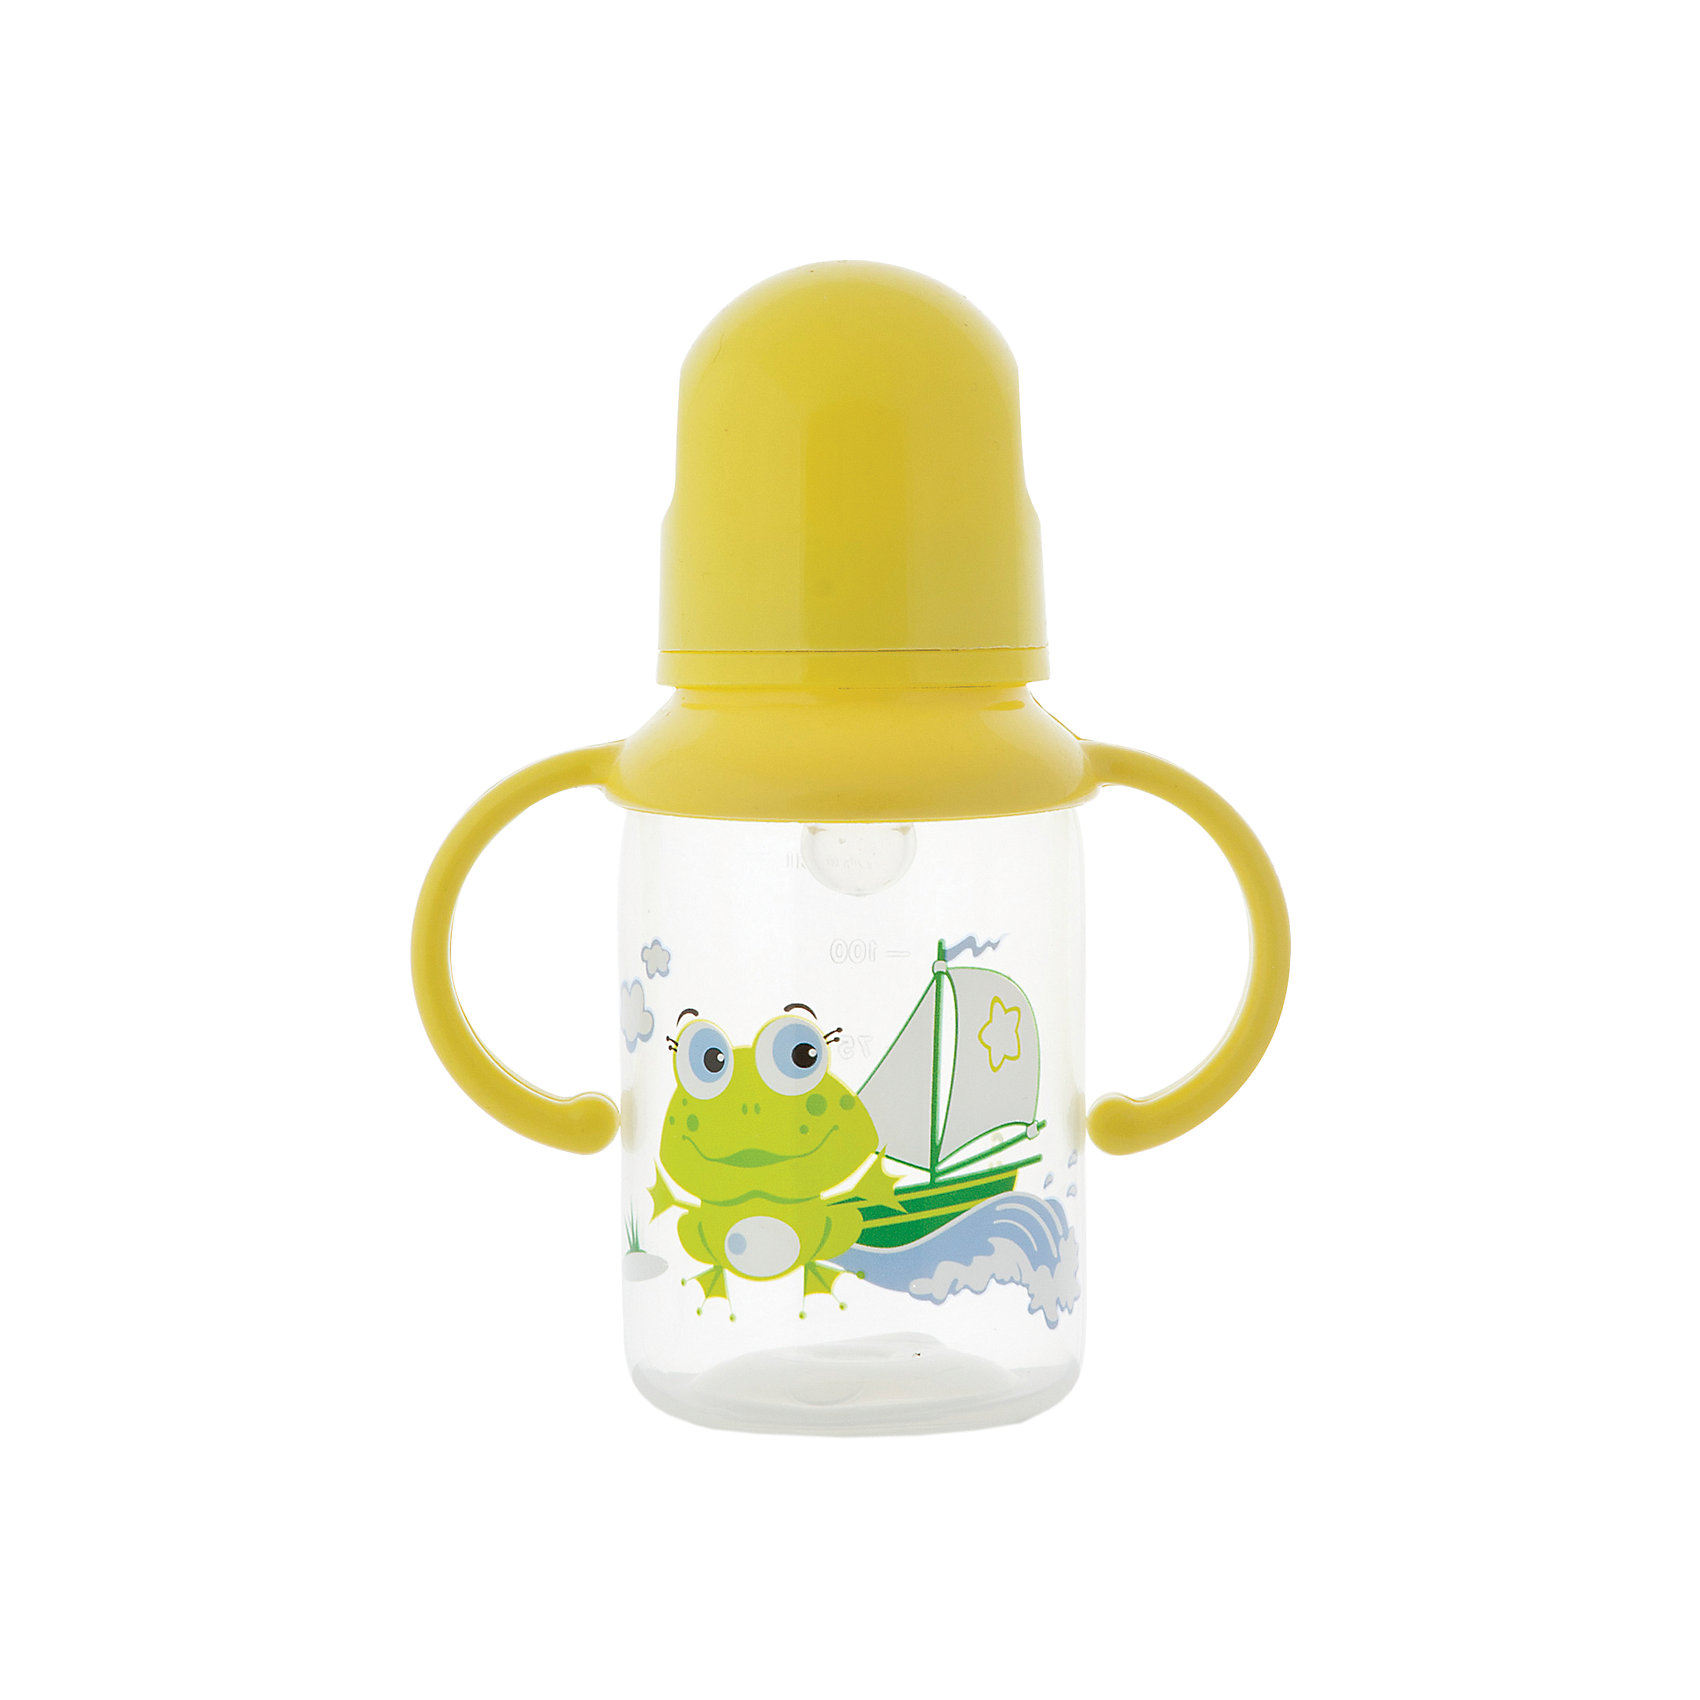 Бутылочка с ручками и силиконовой соской,125 мл, Kurnosiki, жёлтыйБутылочки и аксессуары<br>Характеристики:<br><br>• Наименование: бутылка для кормления<br>• Рекомендуемый возраст: от 0 месяцев<br>• Пол: универсальный<br>• Объем: 125 мл<br>• Материал: силикон, пластик<br>• Цвет: жёлтый<br>• Рисунок: лягушонок Ква-Ква<br>• Форма соски: классическая<br>• Поток у соски: медленный<br>• Комплектация: бутылочка, соска, колпачок, ручки<br>• Съемные ручки<br>• Узкое горлышко<br>• Вес: 100 г<br>• Можно использовать в СВЧ и посудомоечной машине<br>• Особенности ухода: регулярная стерилизация и своевременная замена соски<br><br>Бутылочка с ручками и силиконовой соской, 125 мл, Kurnosiki, зеленый выполнена из прочного и жароустойчивого пластика, на котором не появляются царапины и сколы. У бутылочки узкое горлышко. В комплекте предусмотрены съемные ручки, при помощи которых малышу удобно держать бутылочку в руках самостоятельно. Силиконовая соска классической формы, не имеет цвета и запаха, обладает повышенными гипоаллергенными свойствами. <br><br>Изделие выполнено в брендовом дизайне: на бутылочку нанесено изображение одного из героев серии Курносиков ? лягушонка Ква-Ква. Рисунок устойчив к выцветанию и истиранию. Бутылочка с ручками и силиконовой соской, 125 мл, Kurnosiki, зеленый – это практичный и стильный предмет для кормления малыша!<br><br>Бутылочку с ручками и силиконовой соской, 125 мл, Kurnosiki, зеленый можно купить в нашем интернет-магазине.<br><br>Ширина мм: 55<br>Глубина мм: 105<br>Высота мм: 170<br>Вес г: 71<br>Возраст от месяцев: 6<br>Возраст до месяцев: 18<br>Пол: Унисекс<br>Возраст: Детский<br>SKU: 5428781